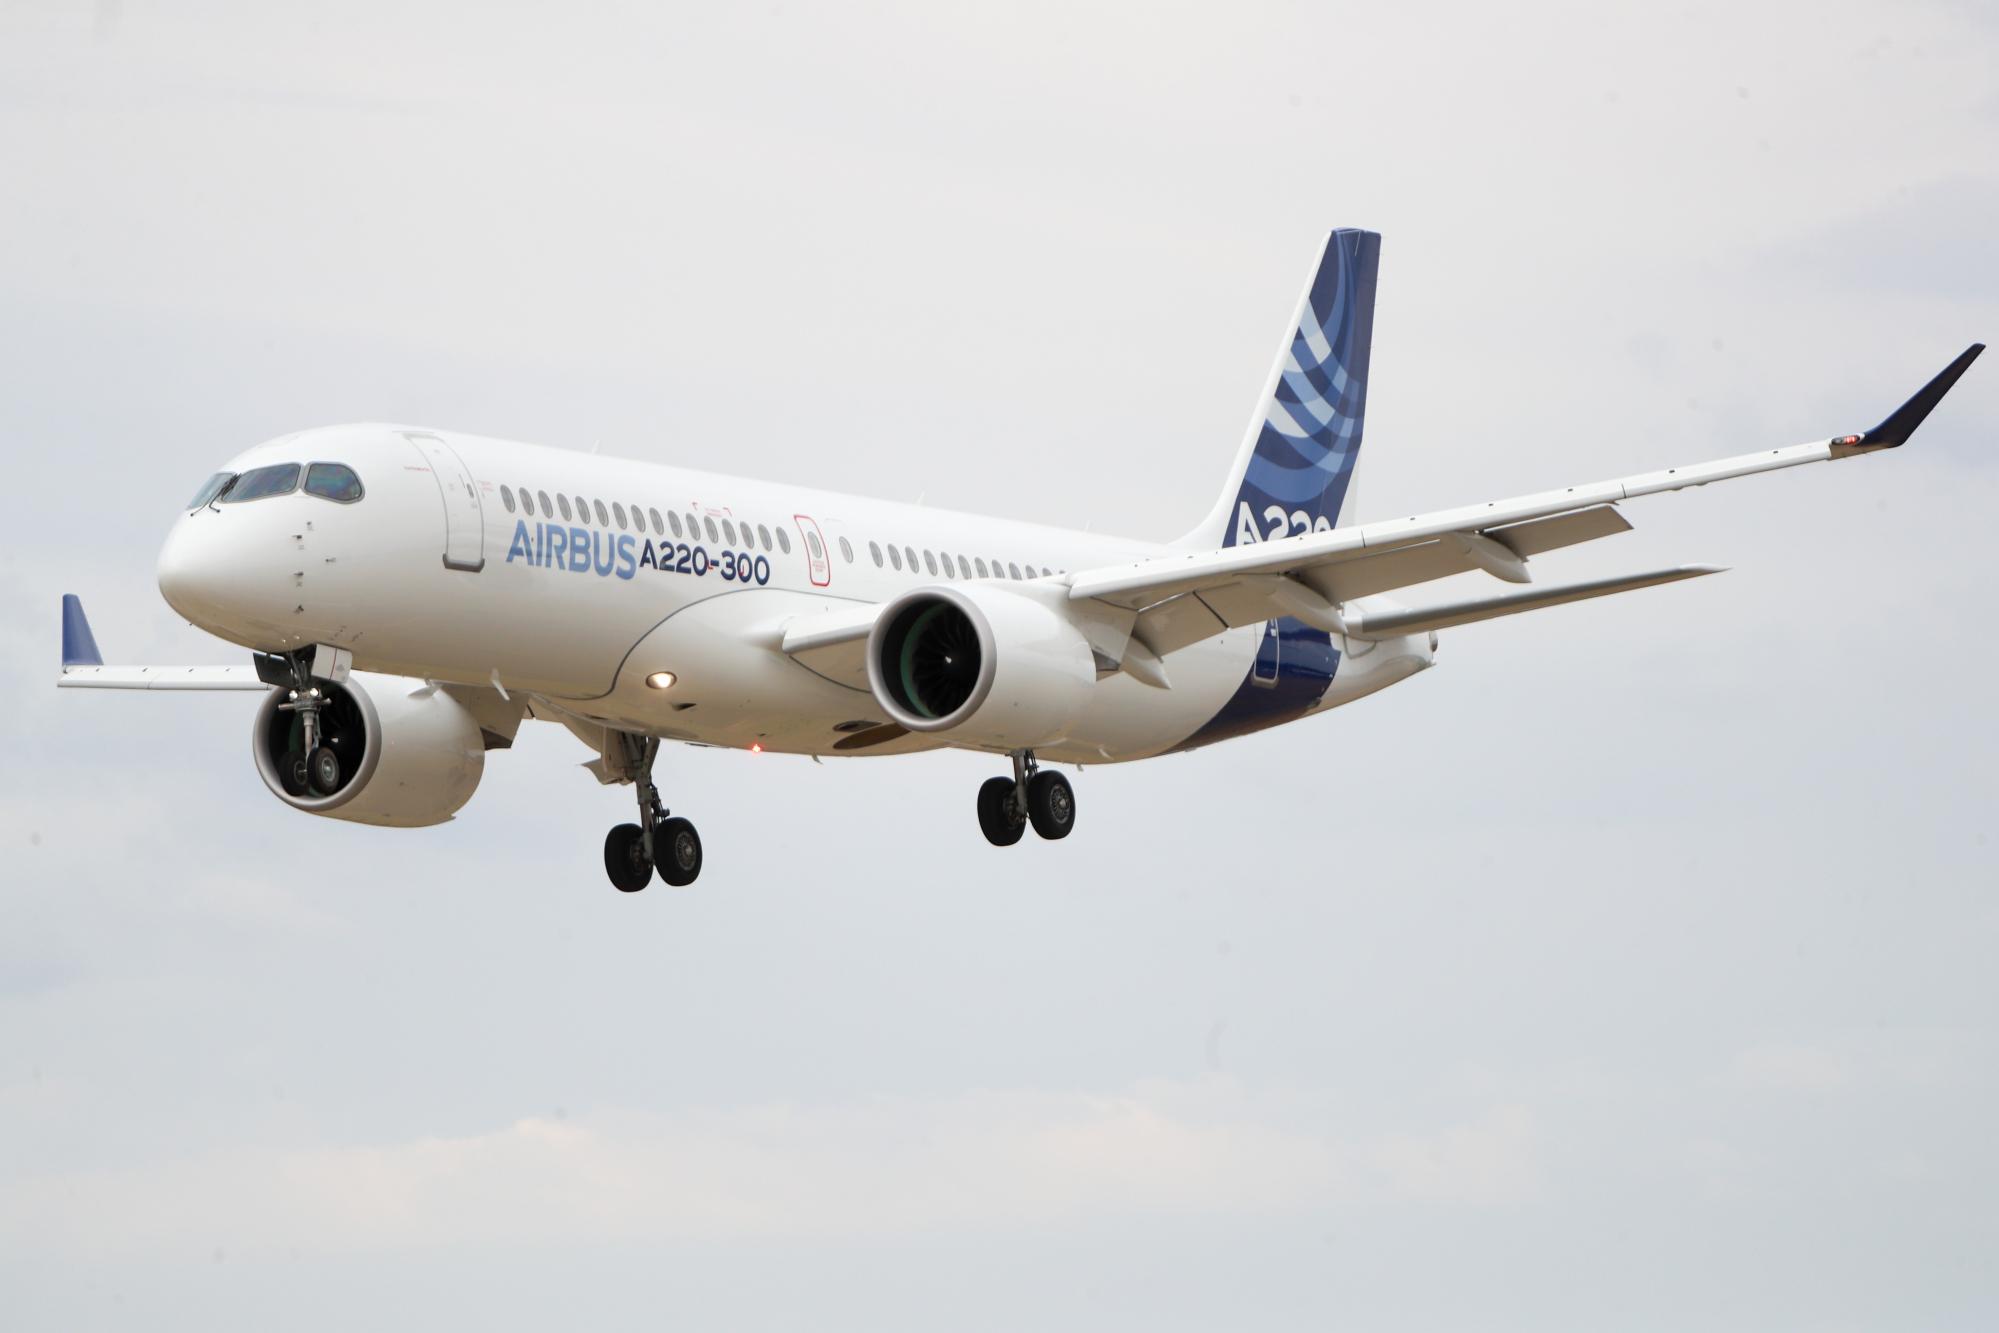 エアバス、単通路機A220の航続距離延長へ-新路線開設可能に - Bloomberg